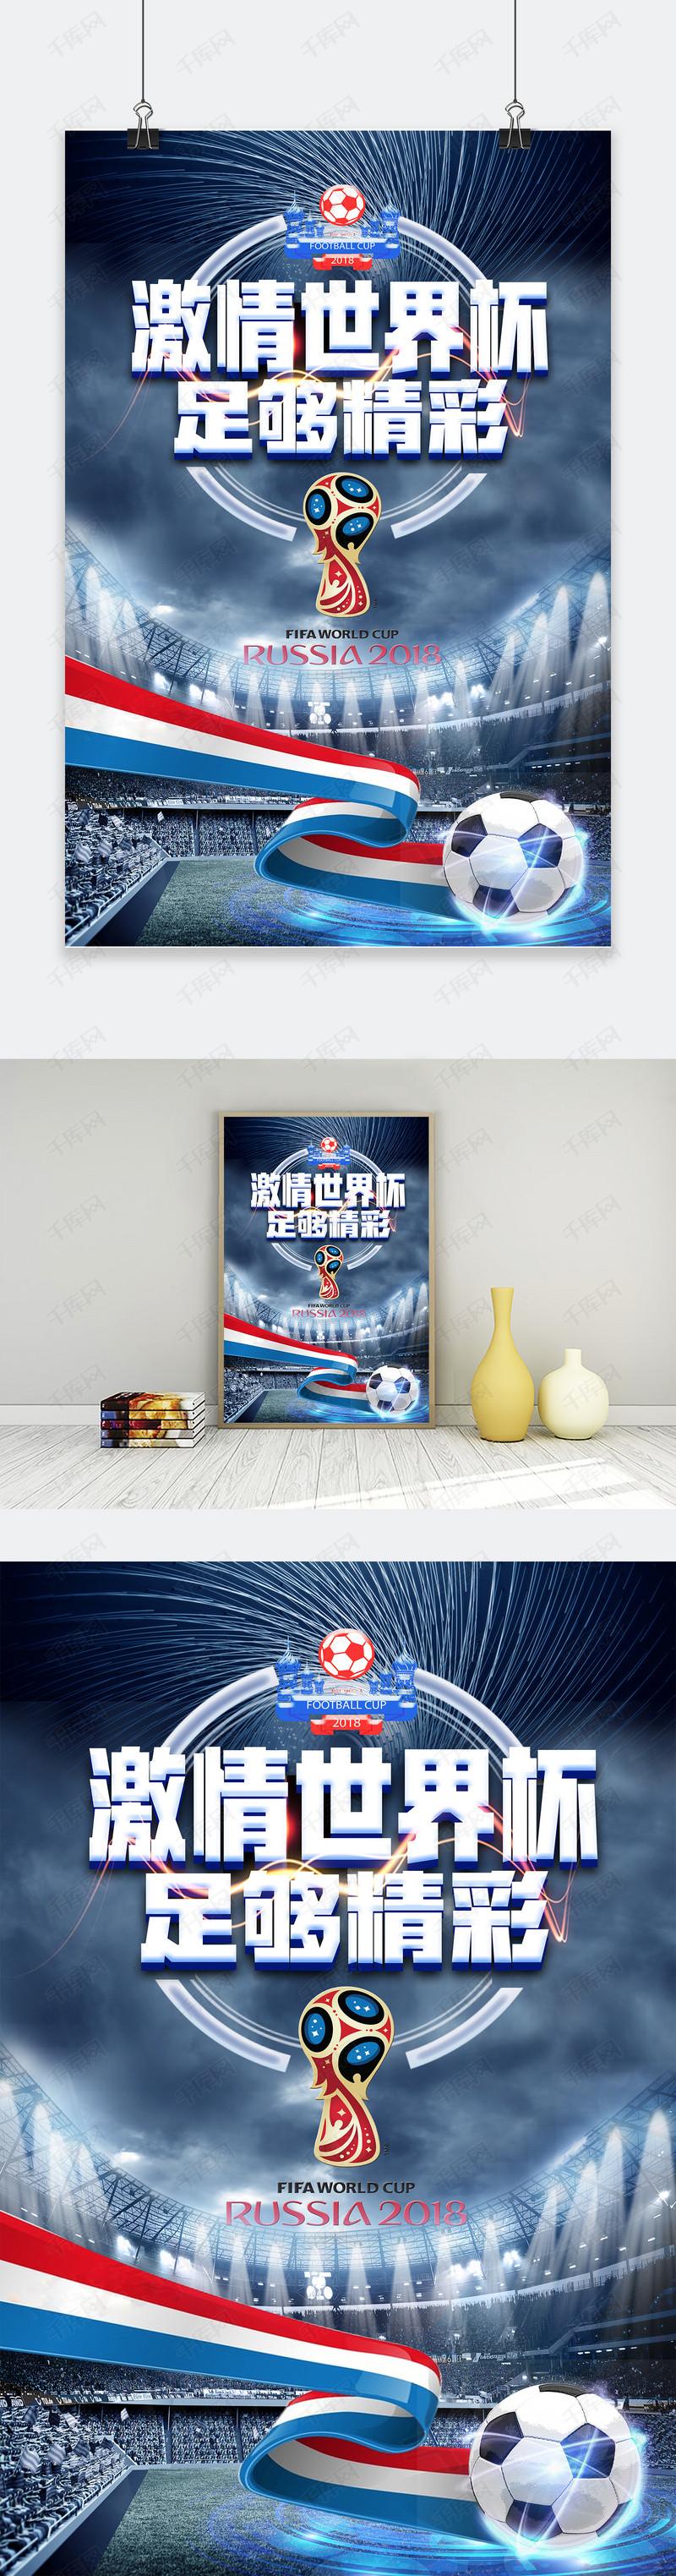 世界杯炫酷激情大气赛事宣传海报千库原创